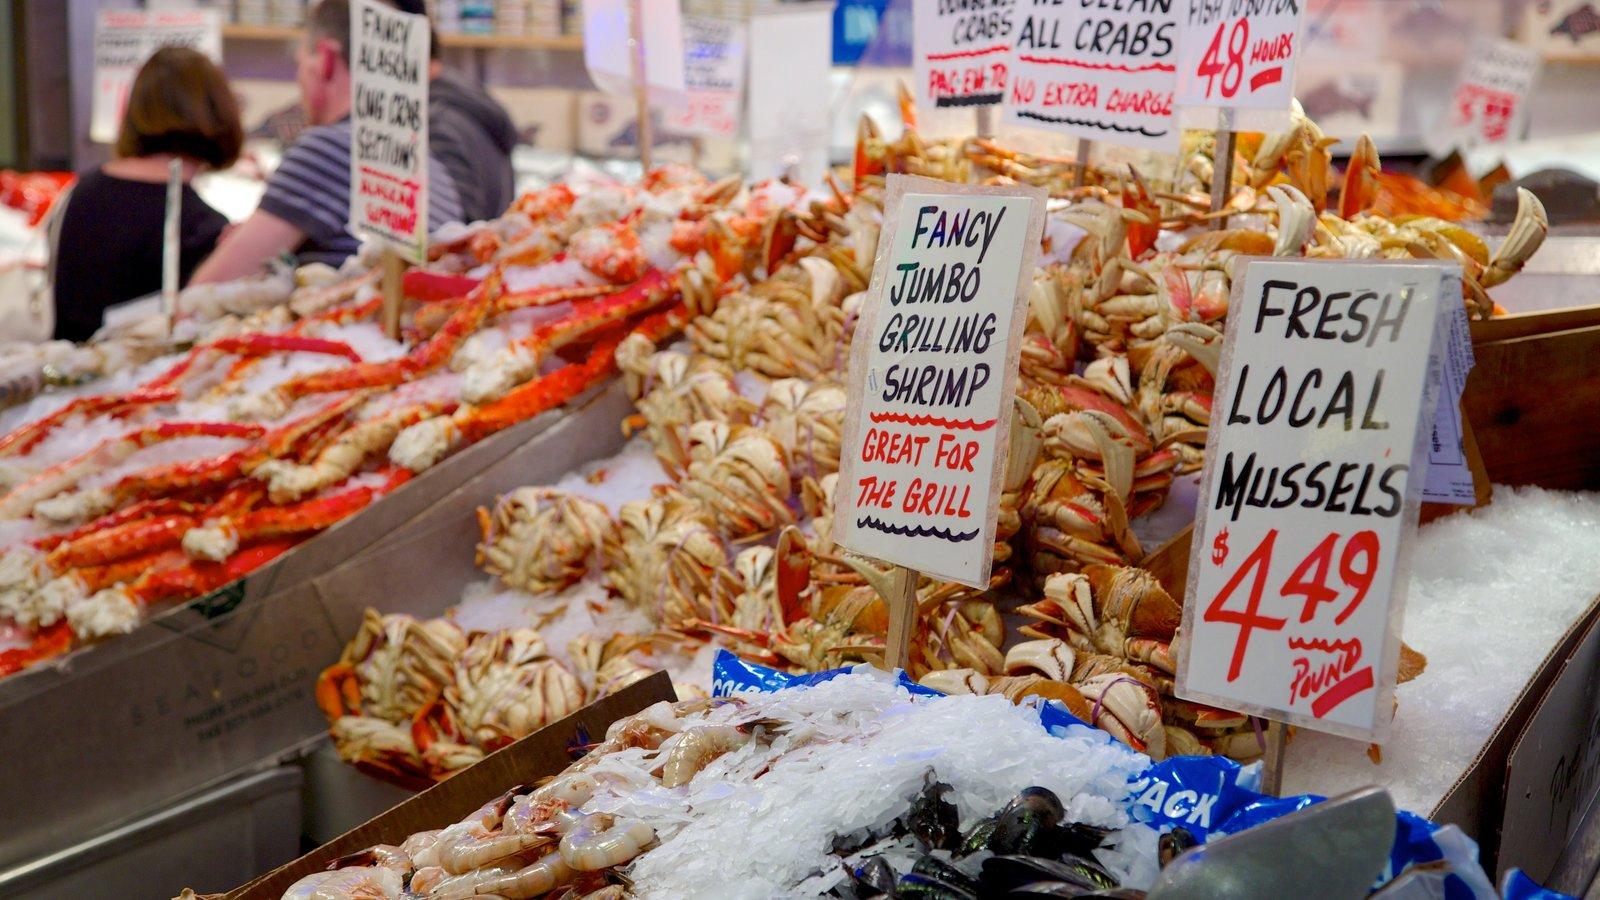 Pike Place Market ofreciendo mercados, comida y señalización